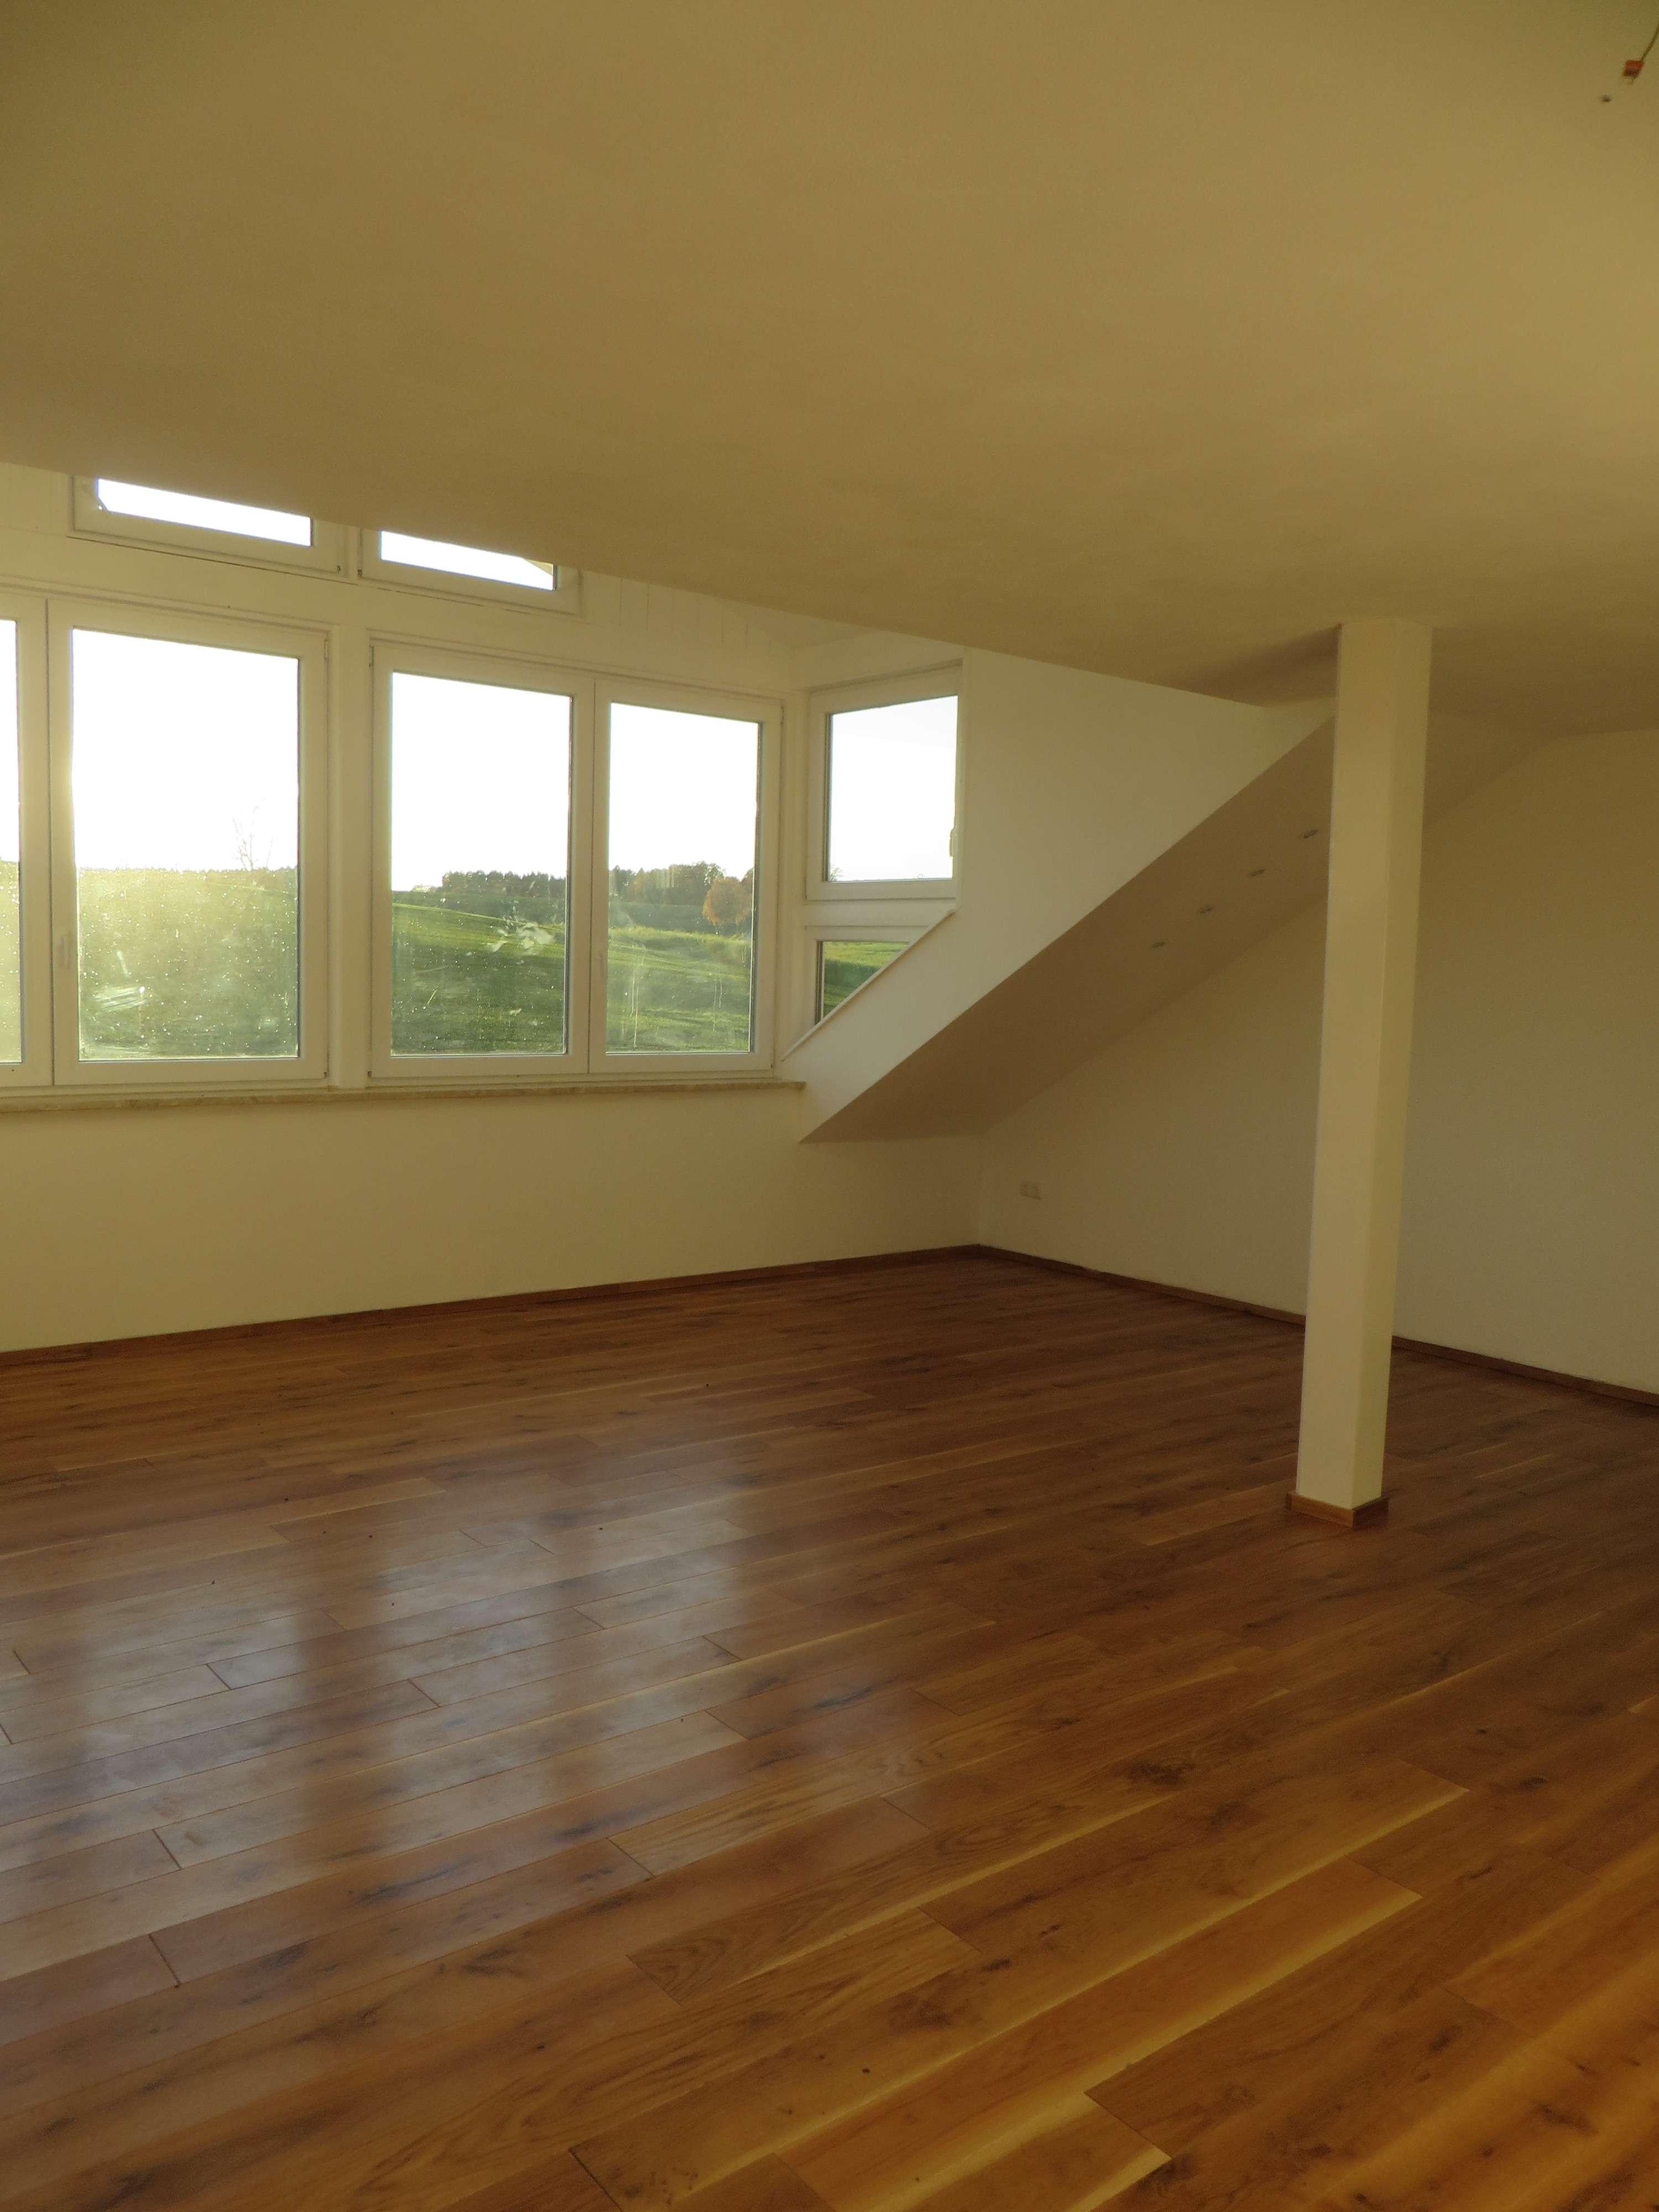 4-Dachgeschoß-Wohnung mit Dachterrasse , Neubau in Langquaid